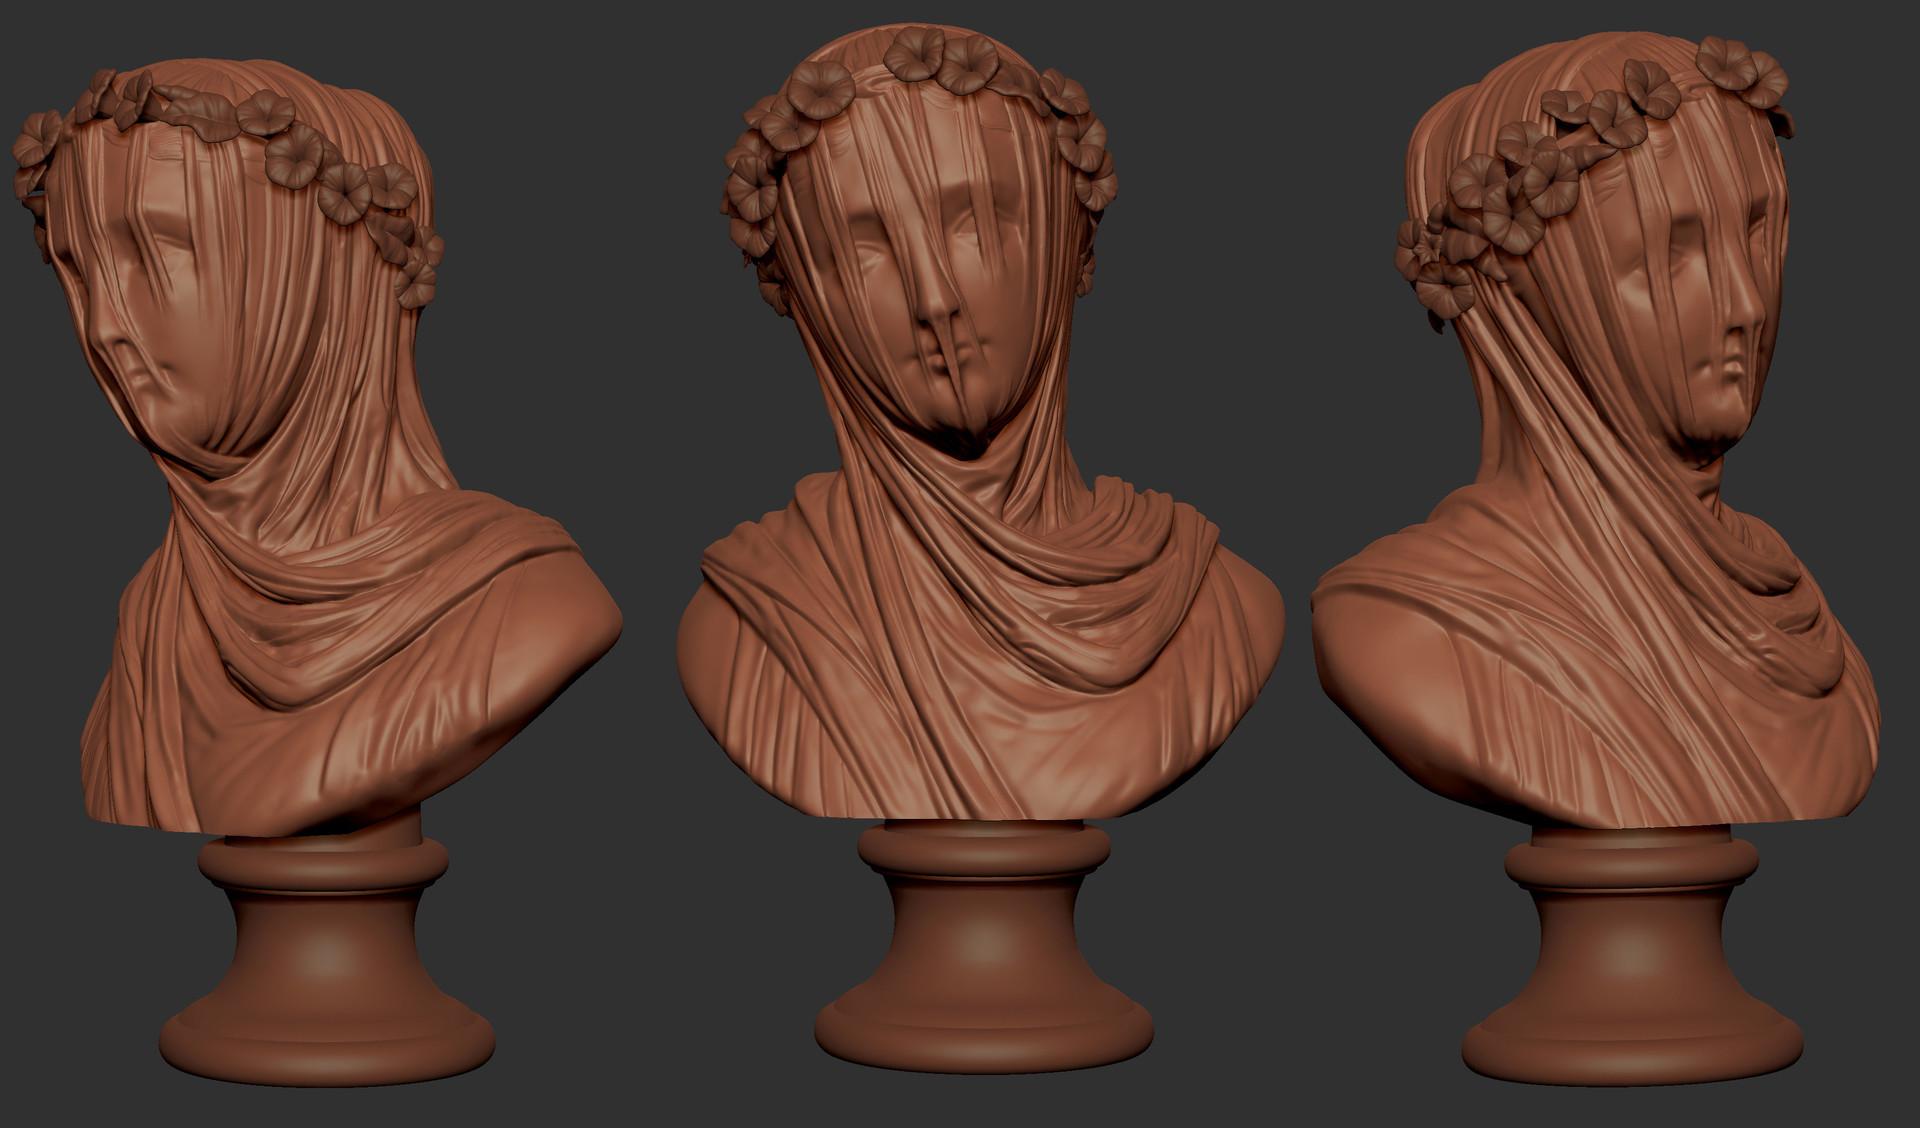 Reza sedghi sculpt